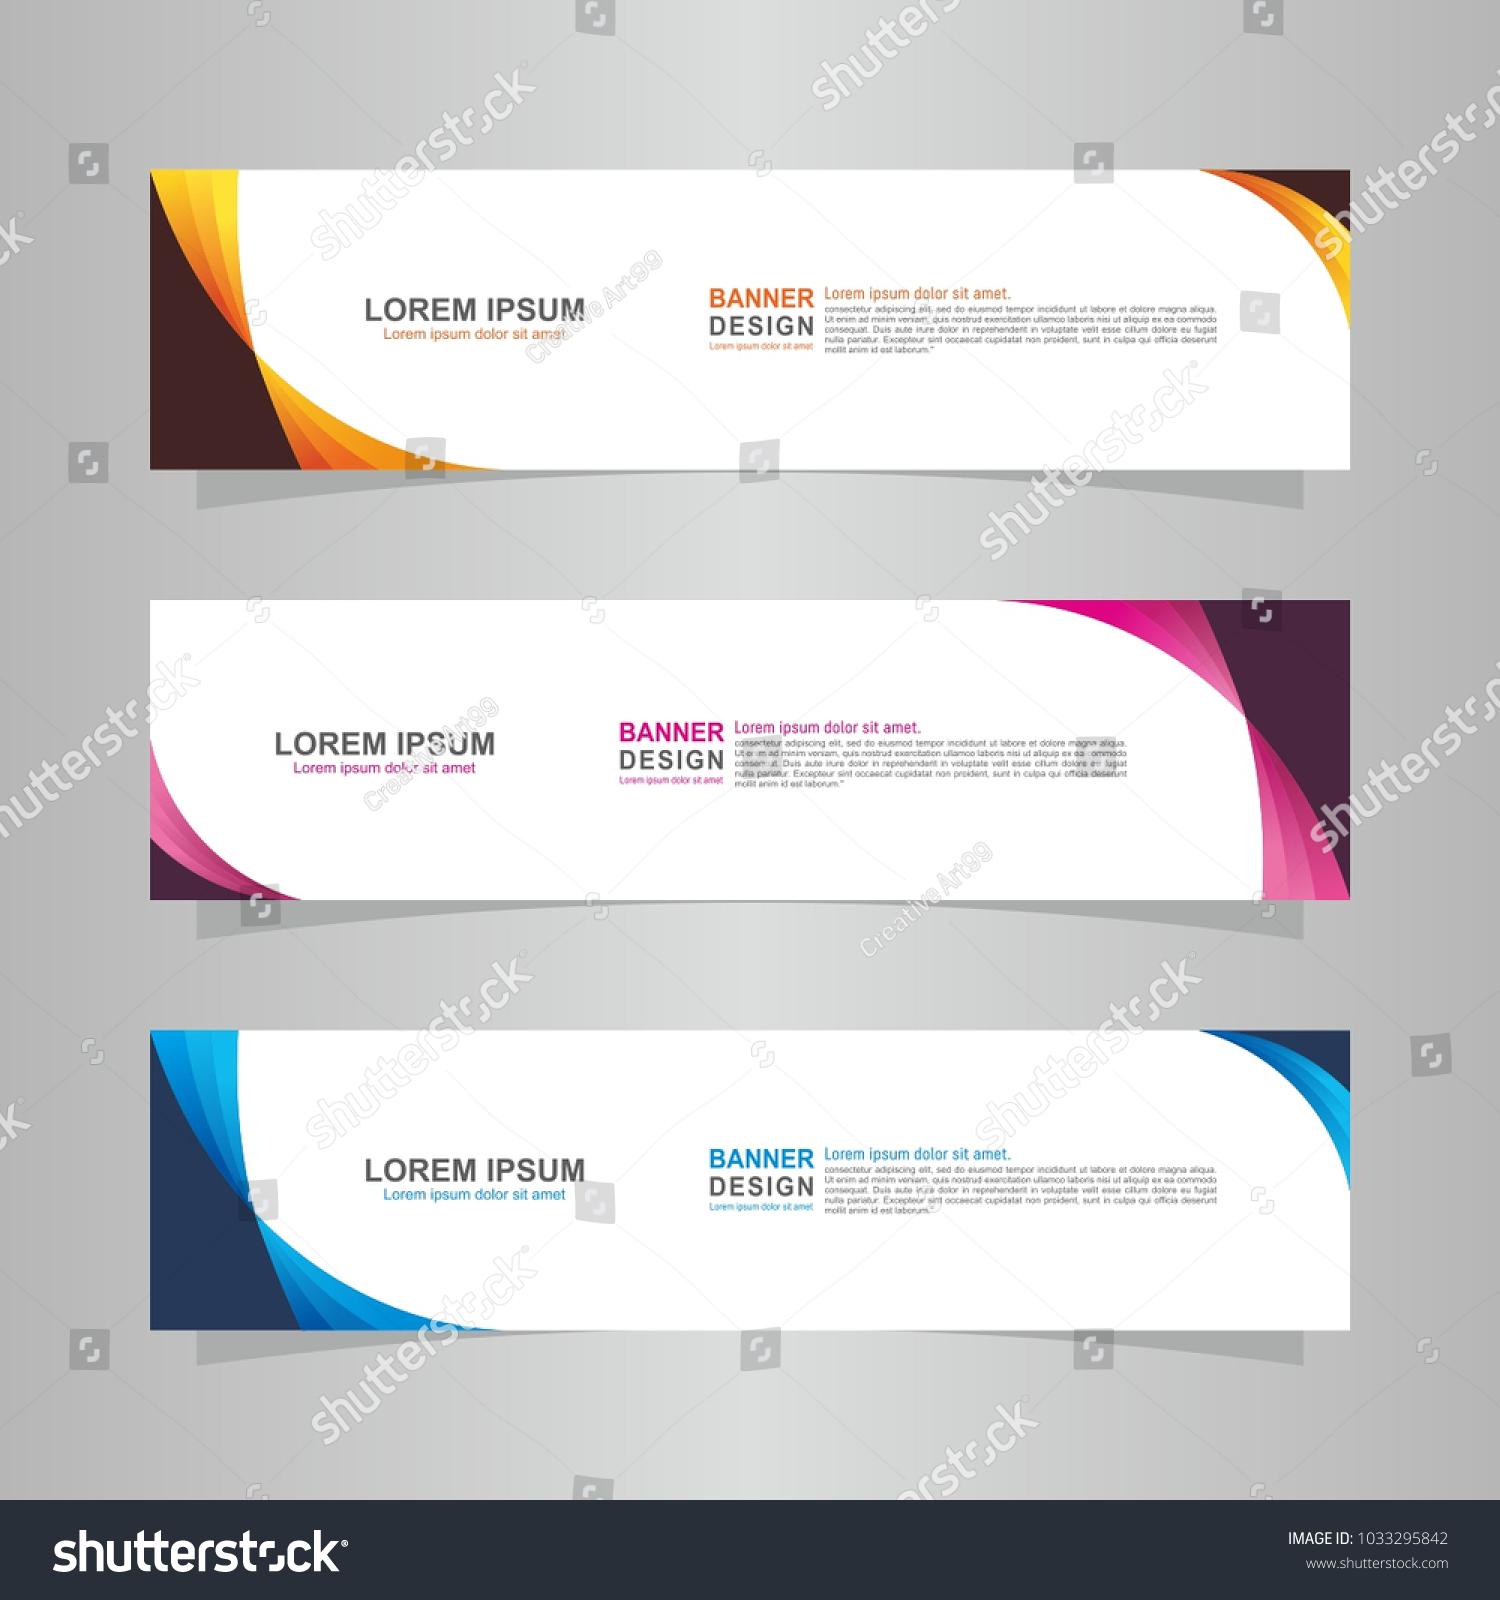 Fein Banner Illustrator Vorlage Fotos - Entry Level Resume Vorlagen ...